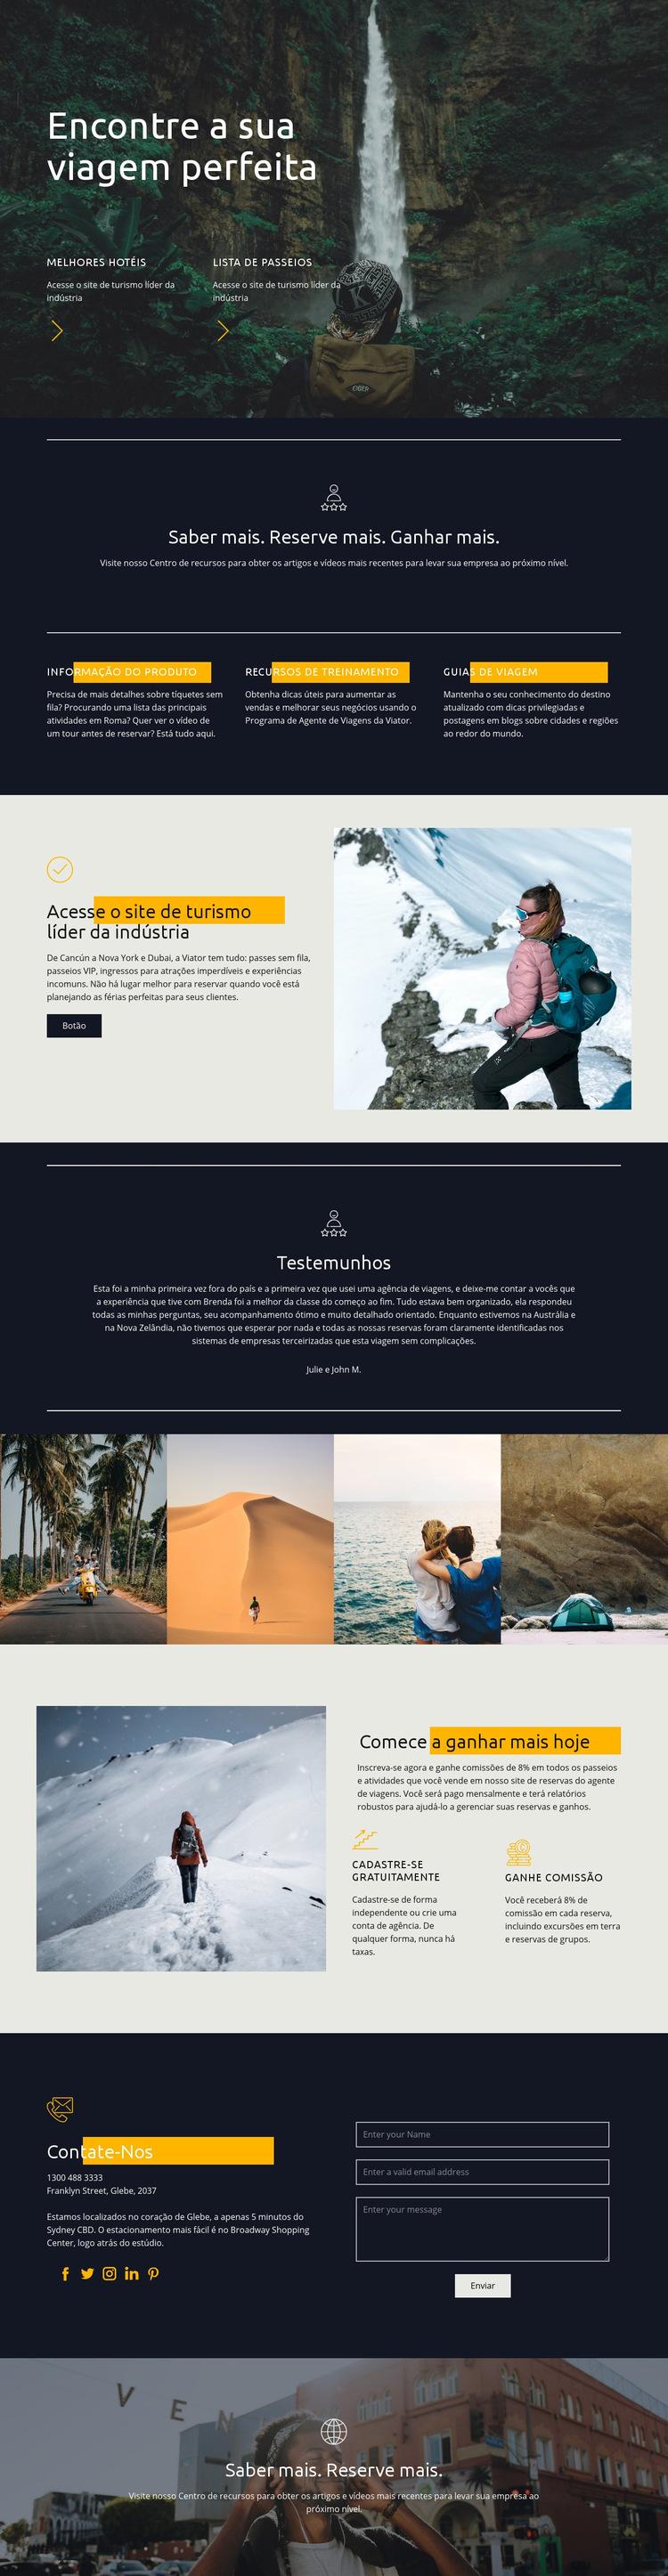 Encontre sua viagem perfeita Modelo de site